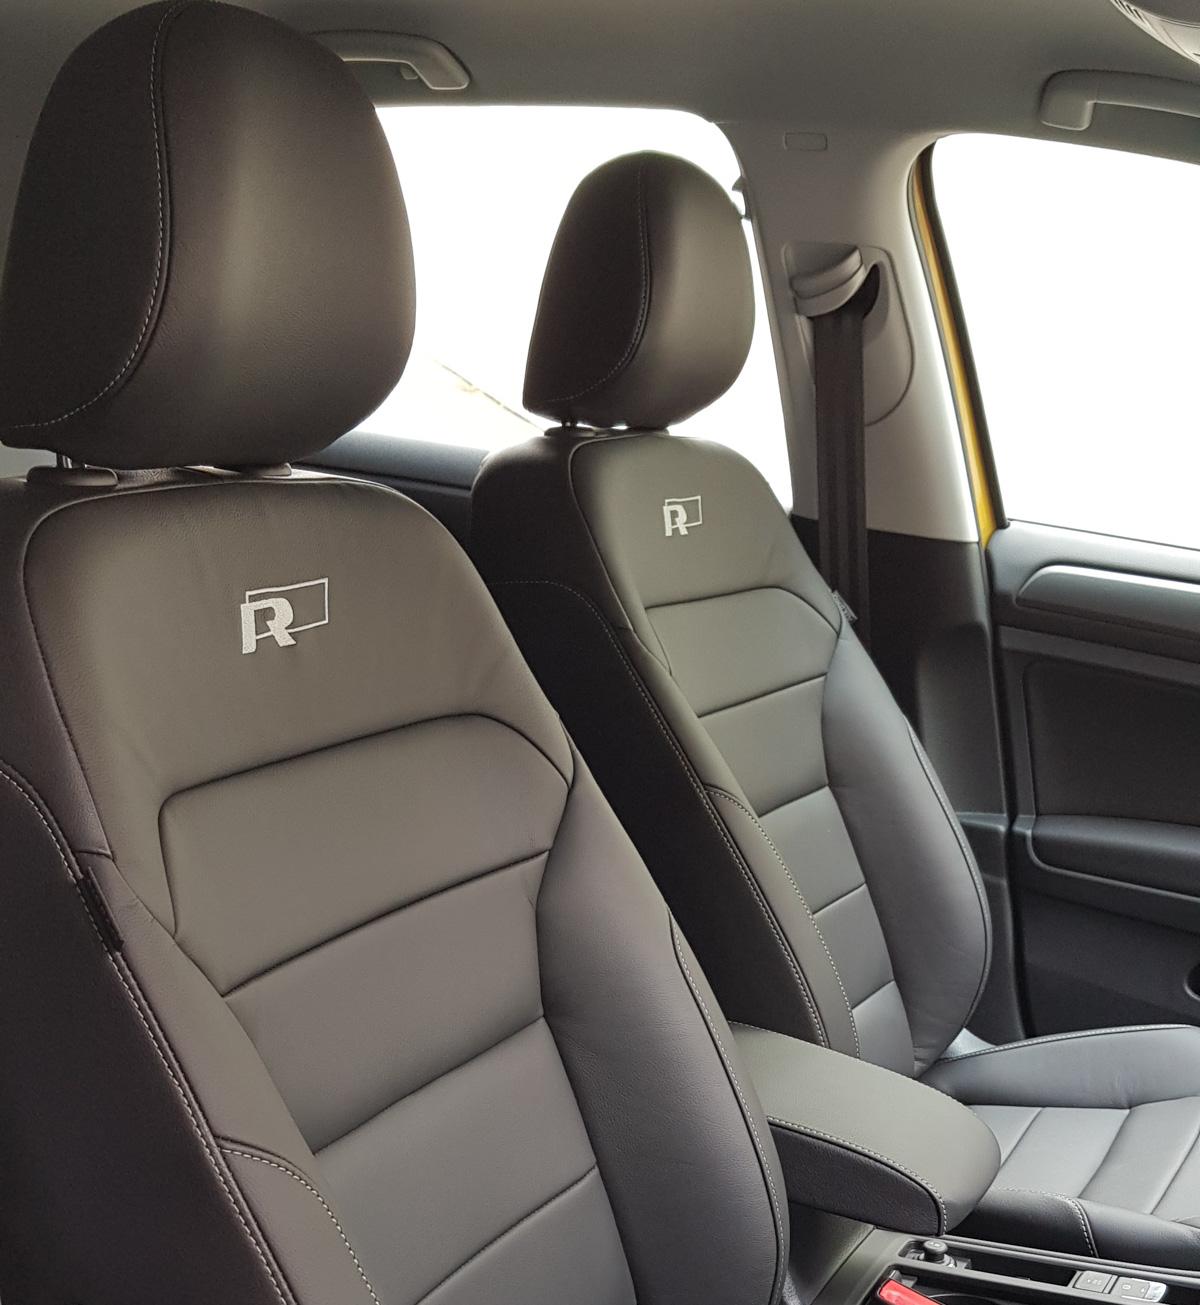 Volkswagen Golf R-Line 再升级,导入 Vienna 皮革座椅!